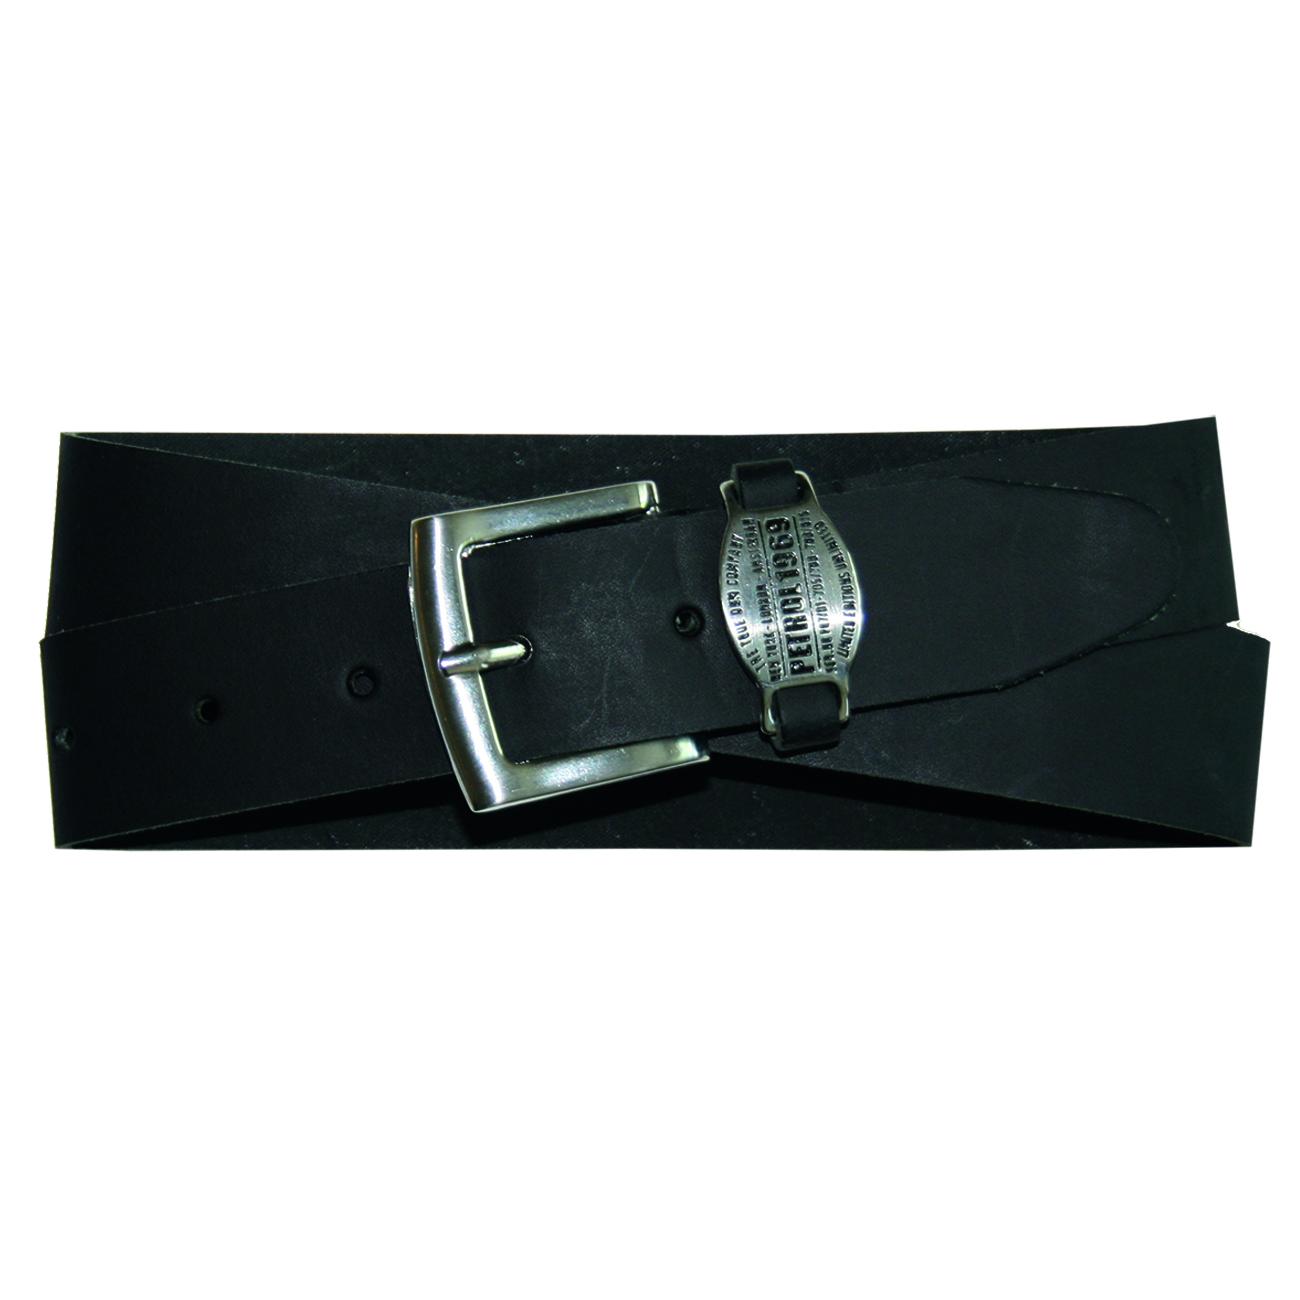 PETROL Industries Ledergürtel Leder Gürtel schwarz PE16 40103 black